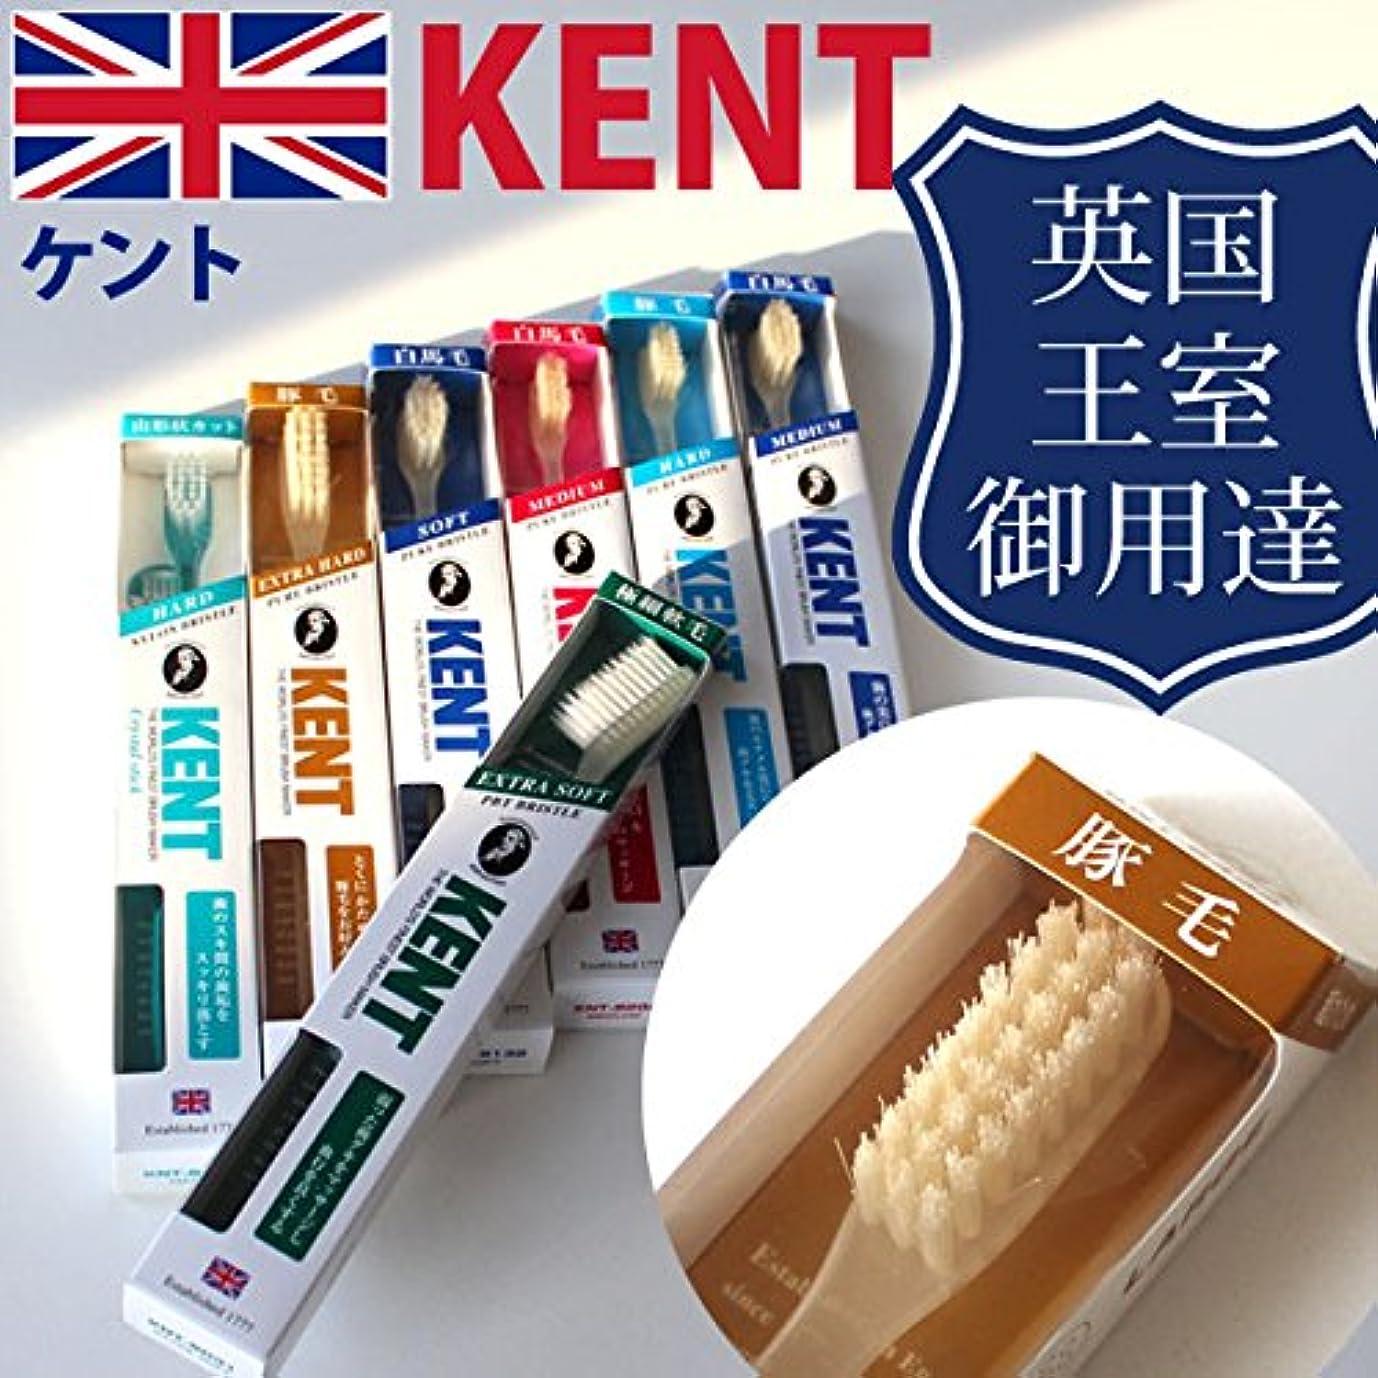 橋脚電圧手紙を書くケント KENT 豚毛 コンパクト 歯ブラシKNT-9233/9833 6本入り 他の天然毛の歯ブラシに比べて細かく磨 かため